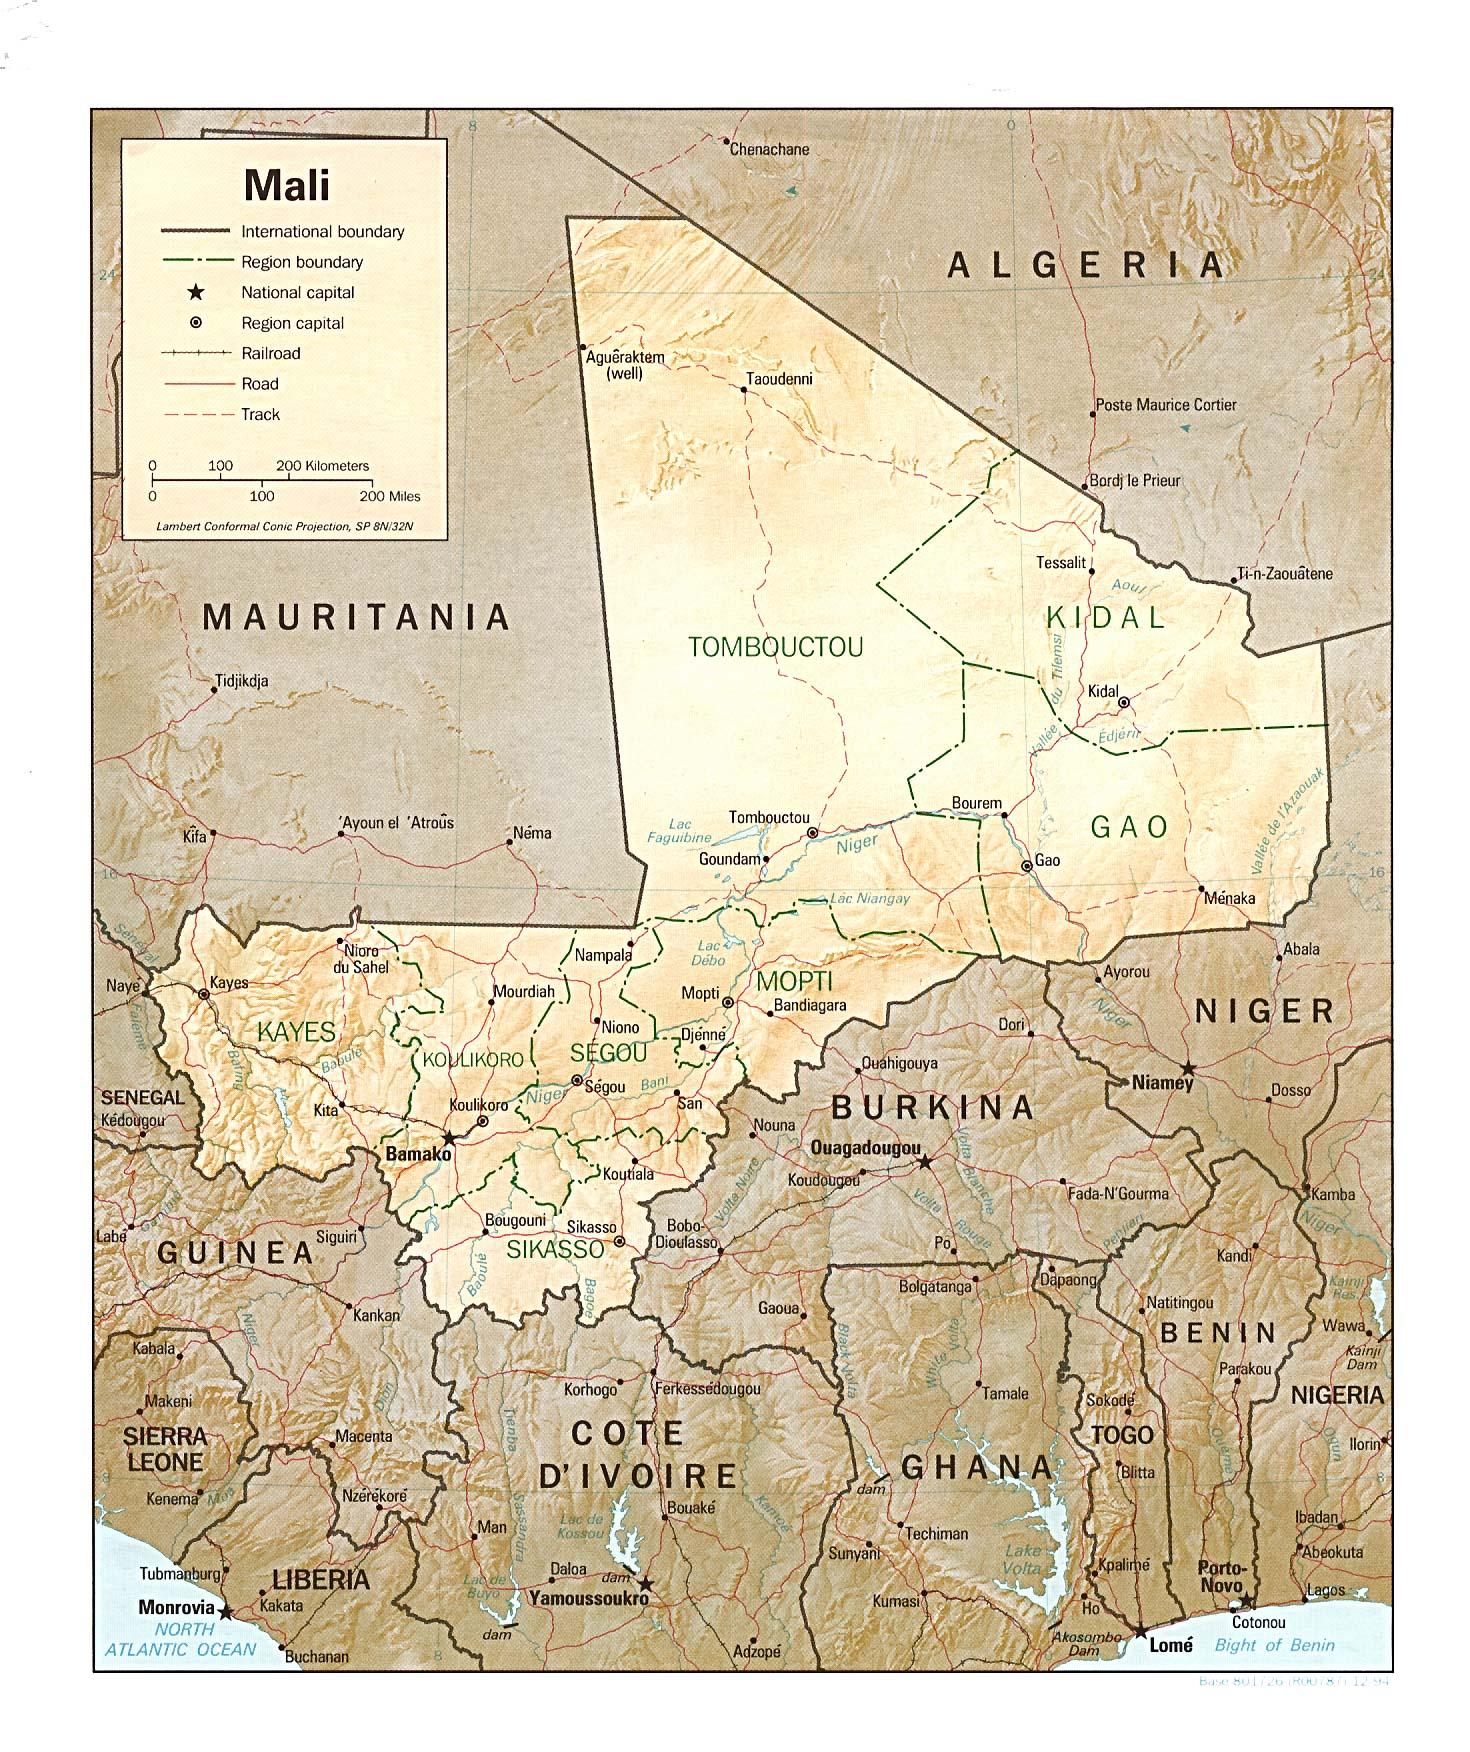 File:Mali Map.jpg - Wikimedia Commons